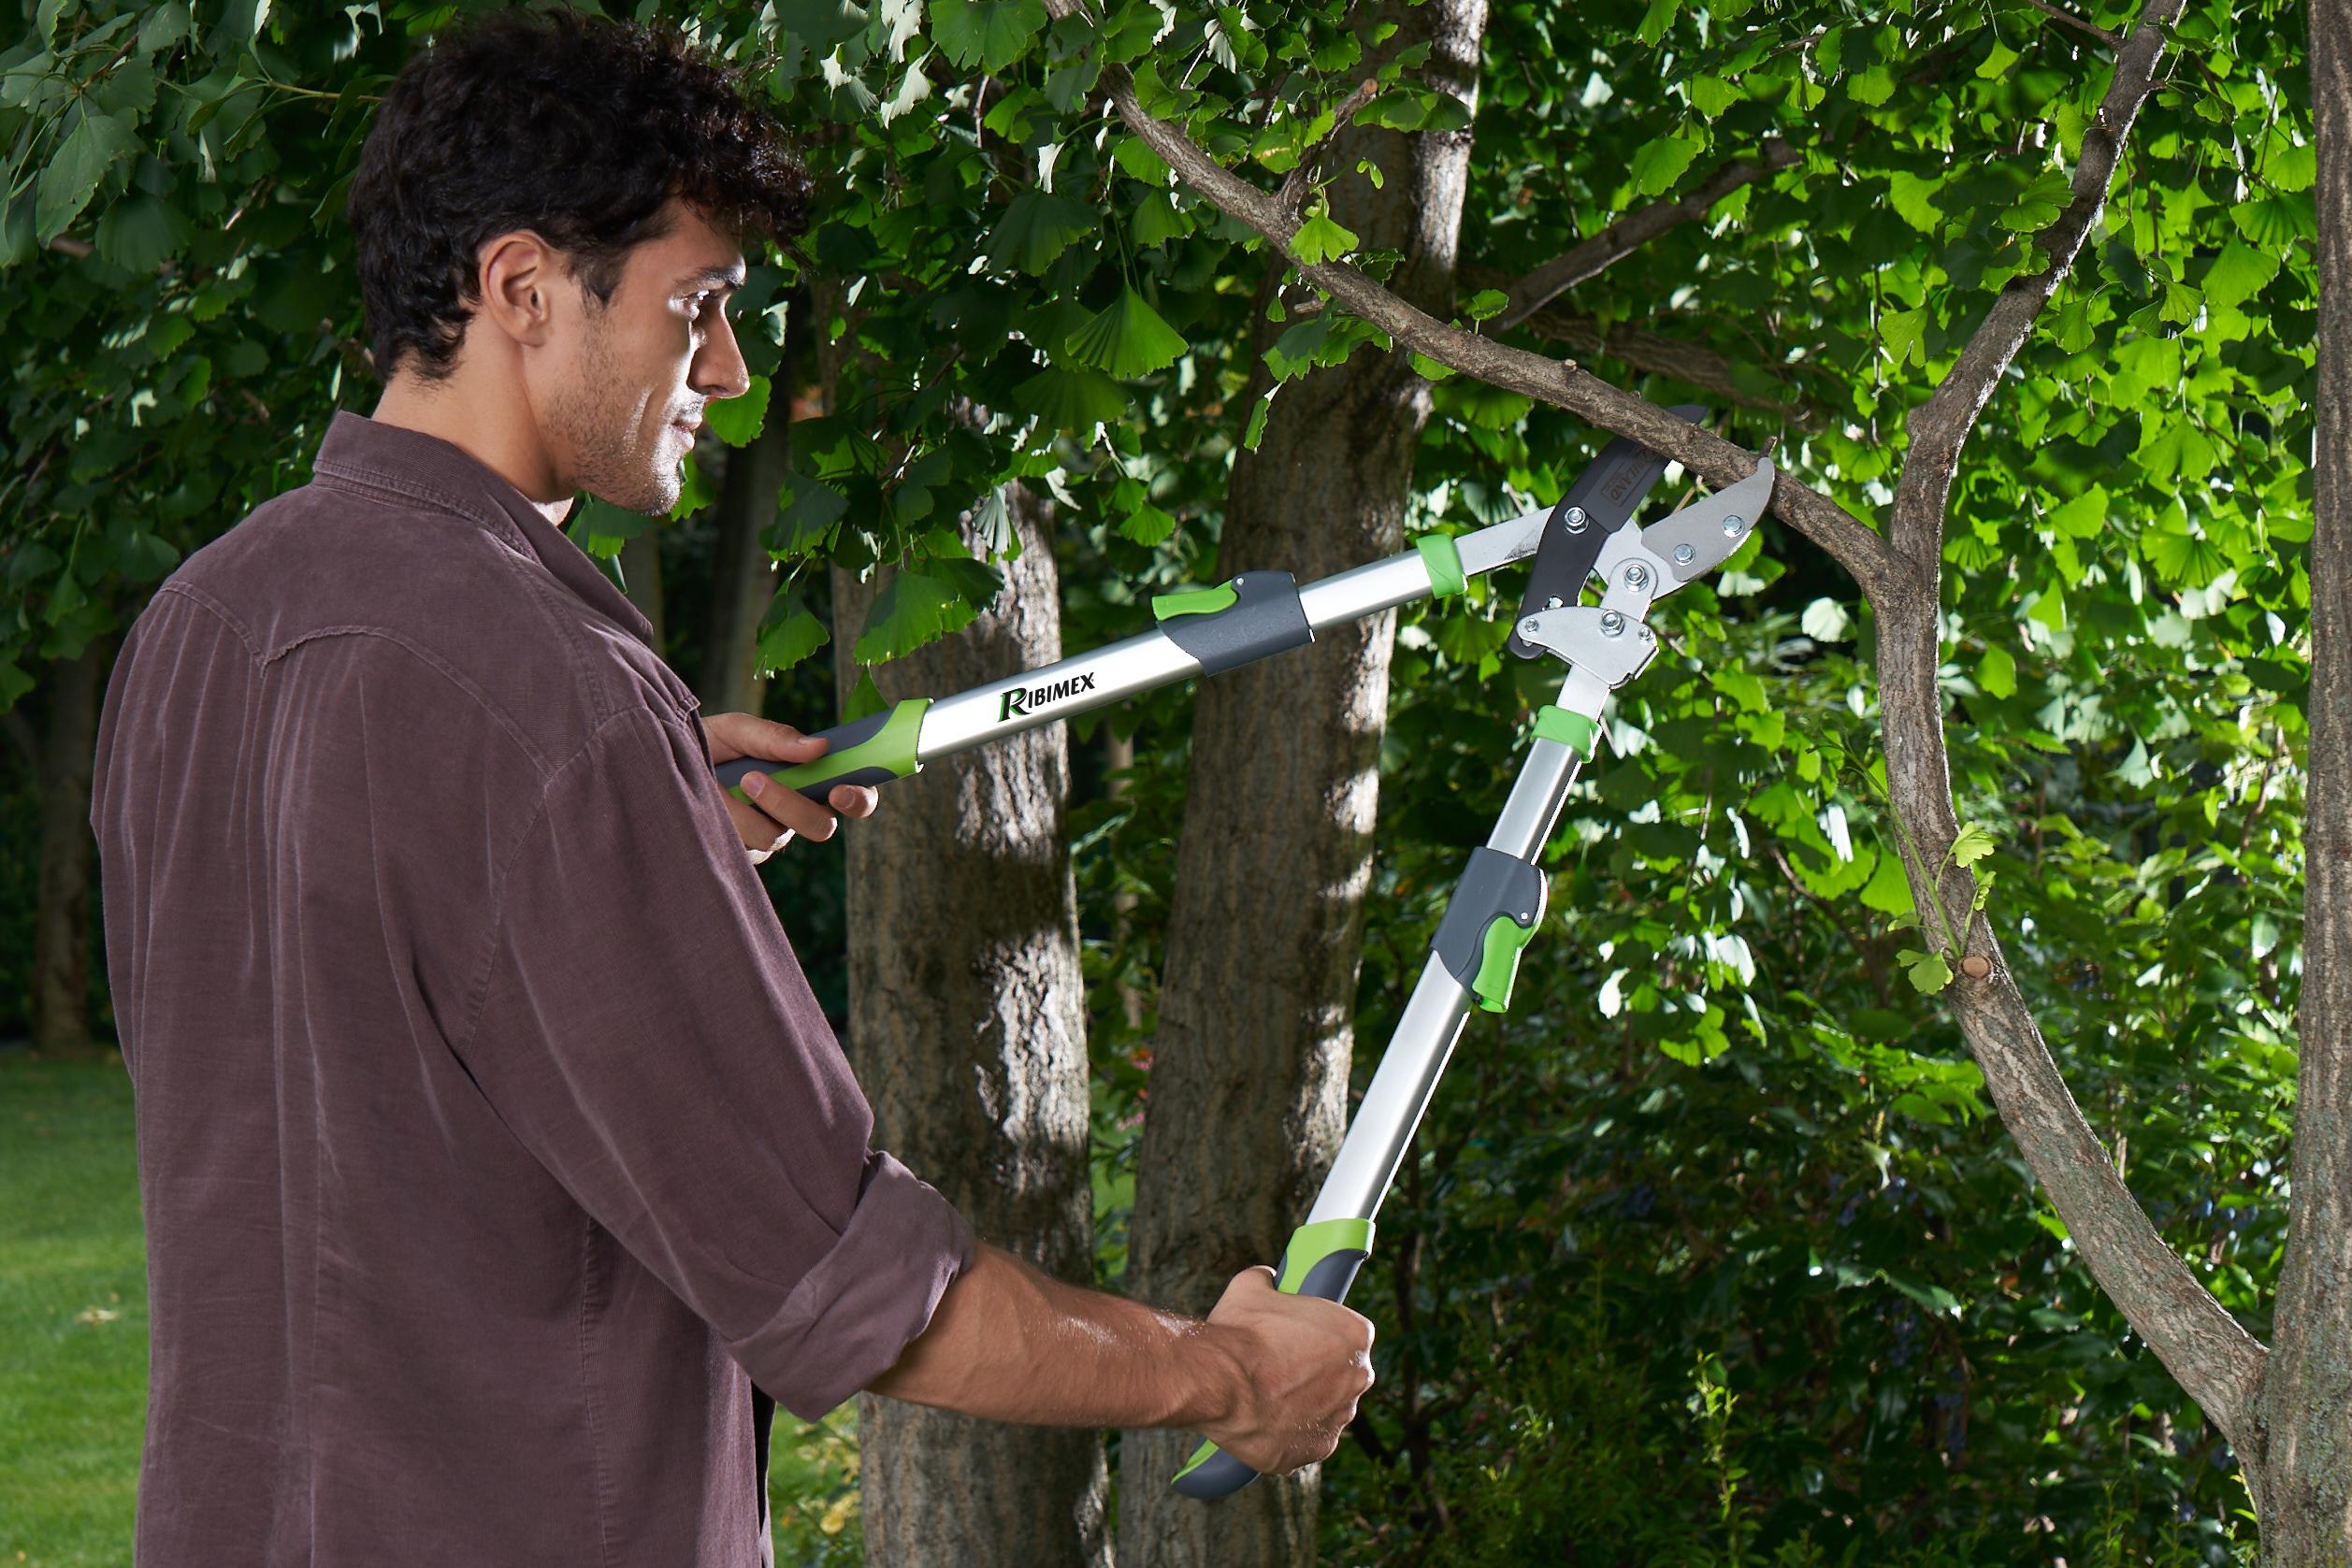 Ribimex : Les bons outils pour les travaux d'automne au jardin